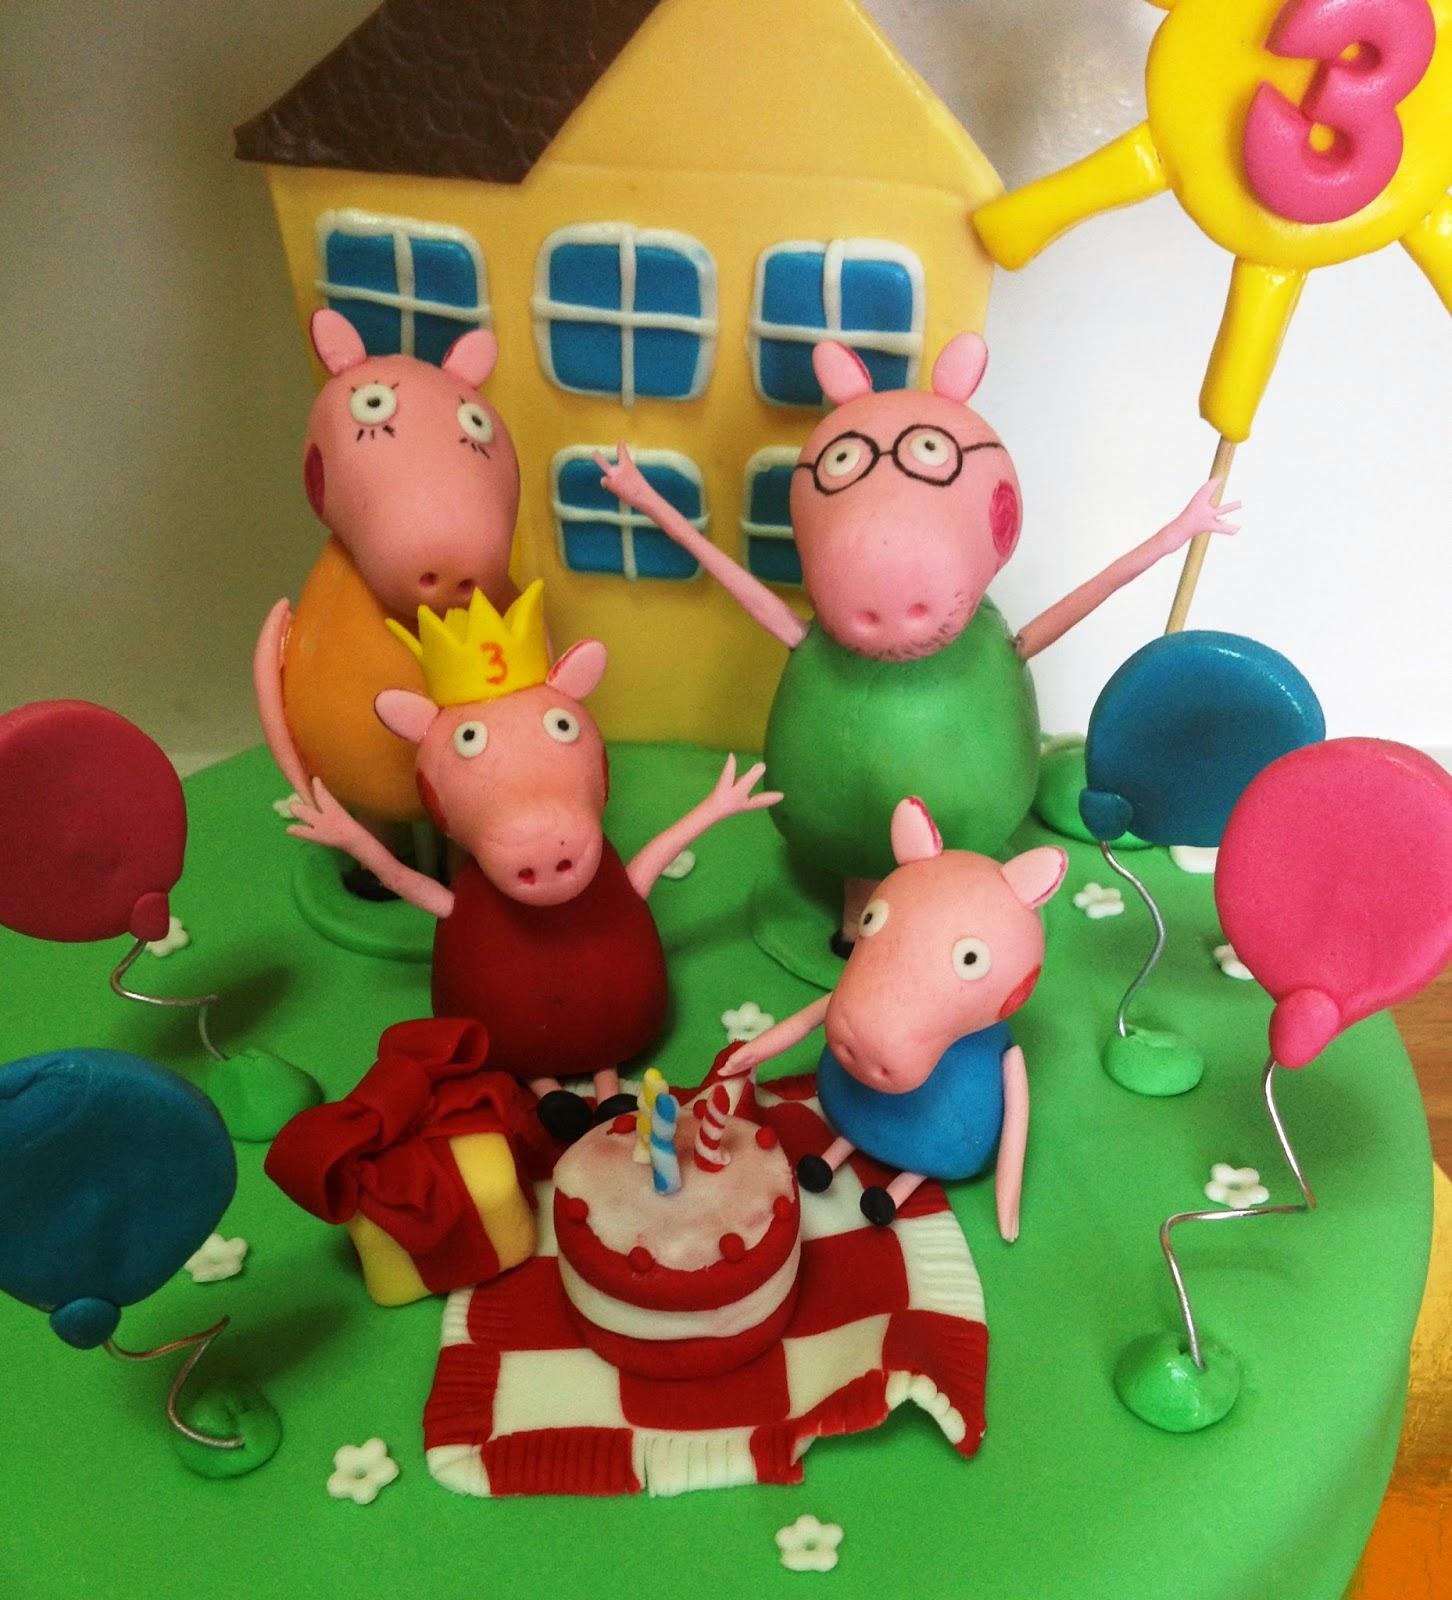 tarta fondant peppa pig; tarta pepa pig; tarta decorada peppa pig; tarta peppa pig